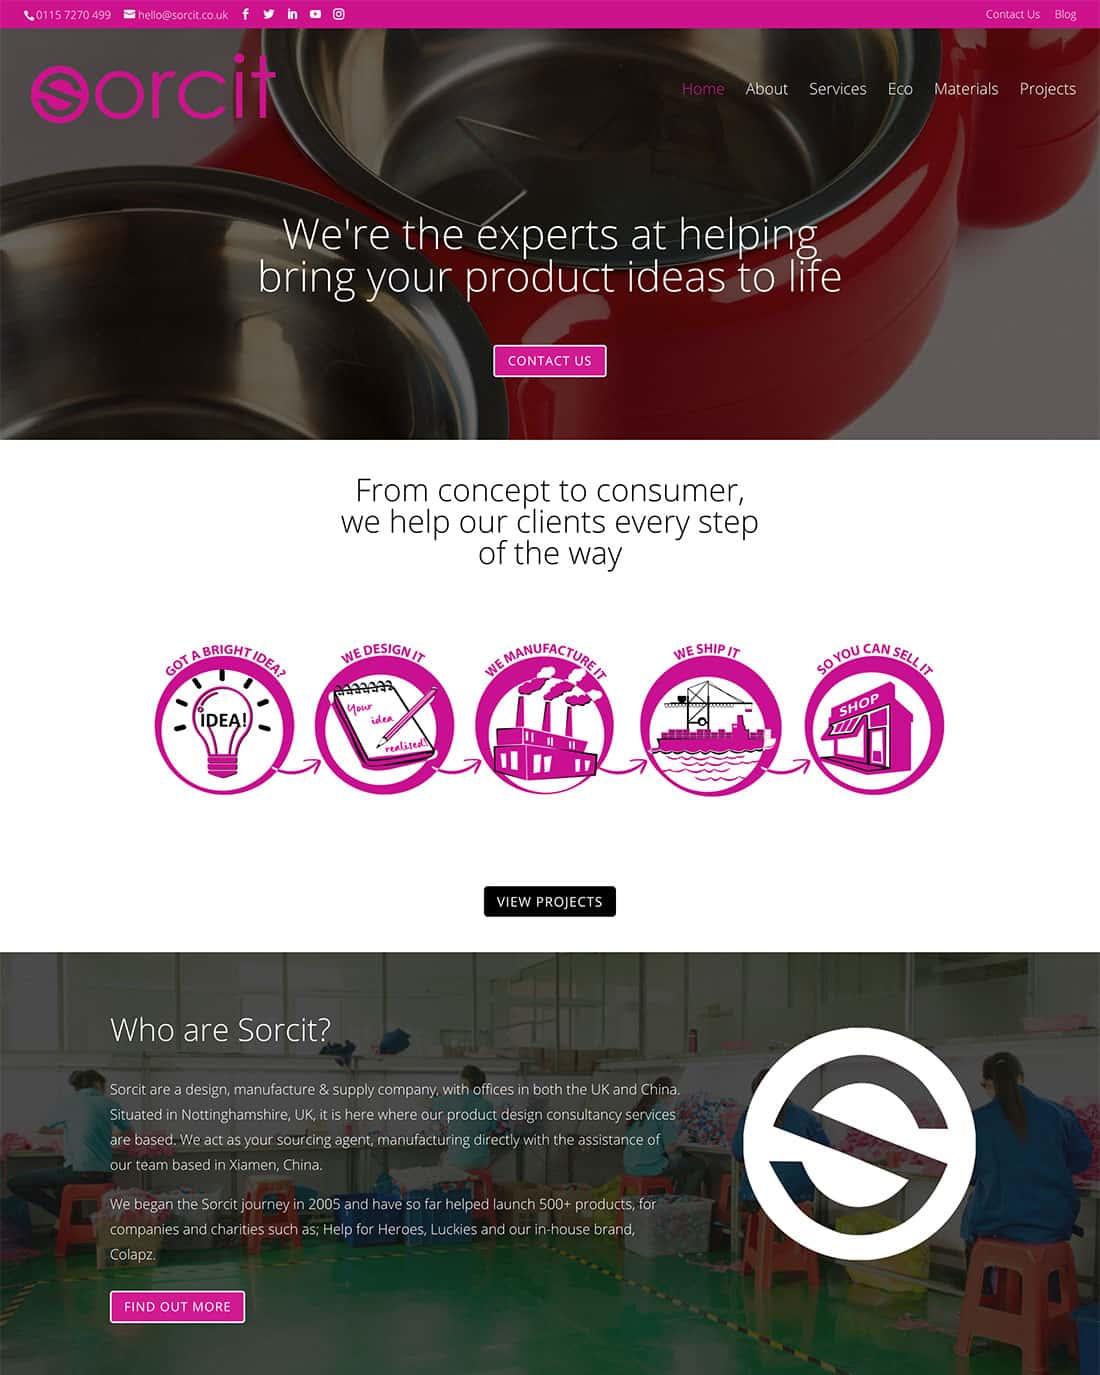 Sorcit website homepage design